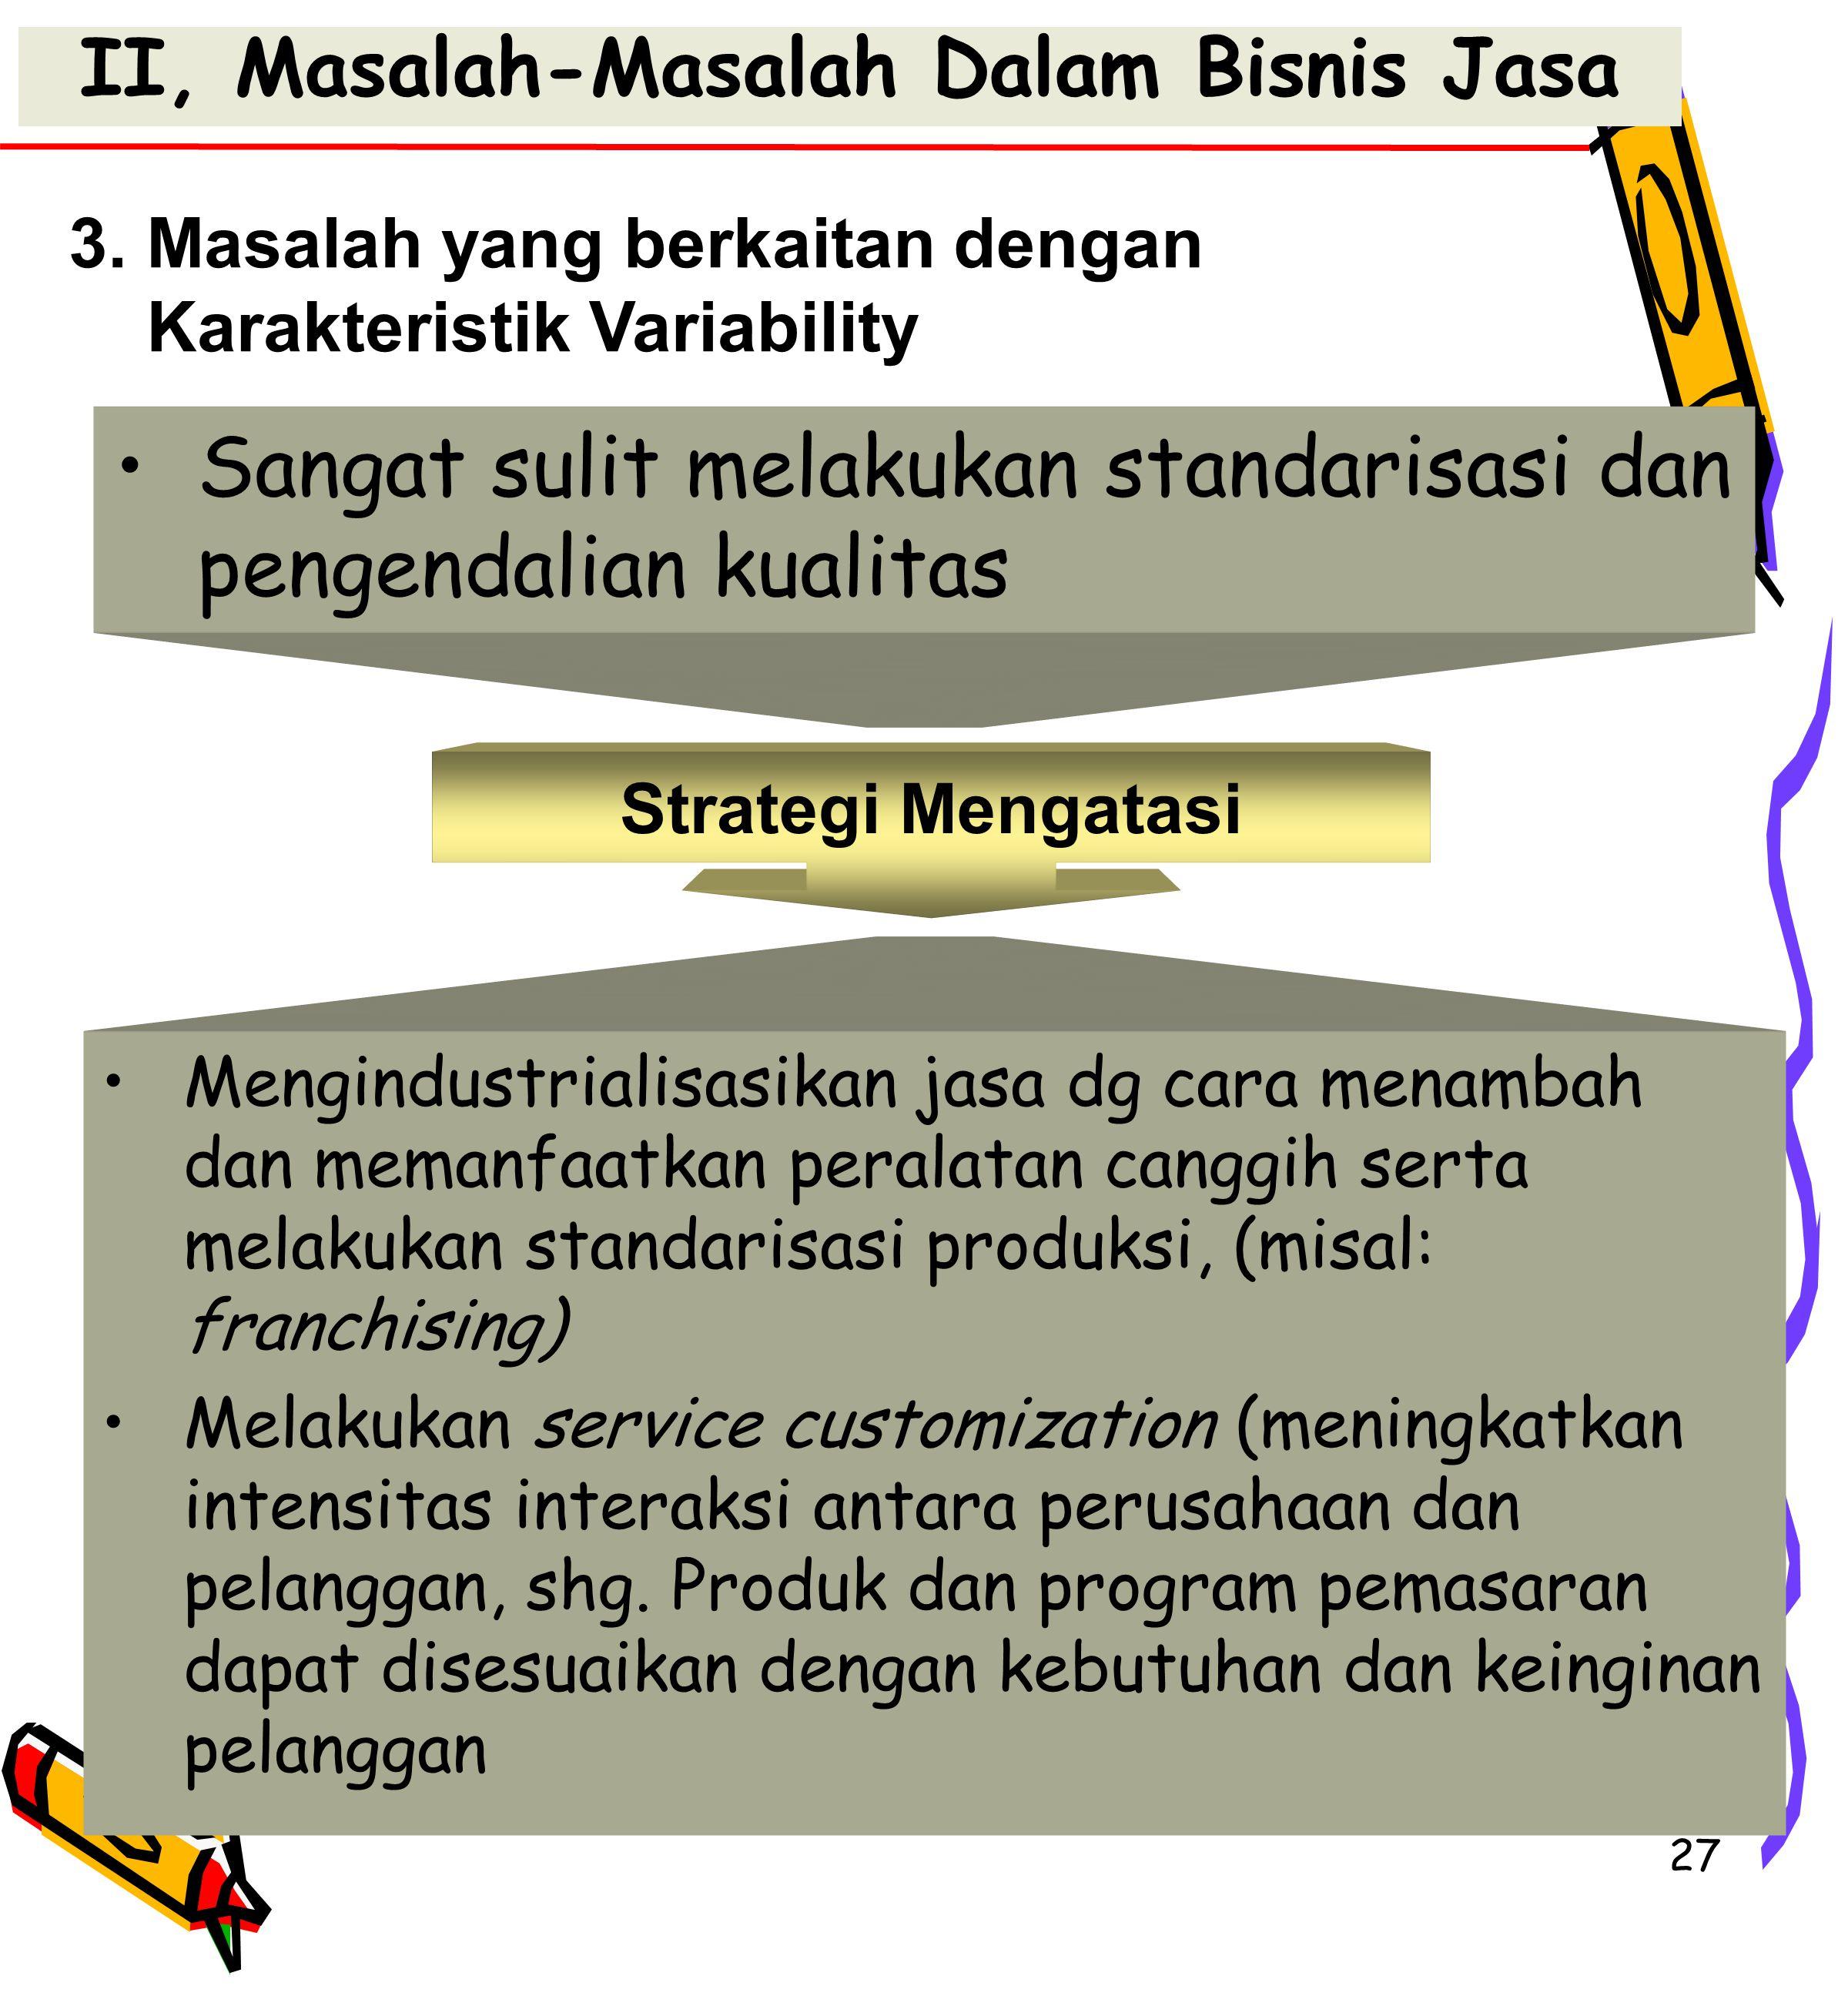 27 II, Masalah-Masalah Dalam Bisnis Jasa Sangat sulit melakukan standarisasi dan pengendalian kualitas 3.